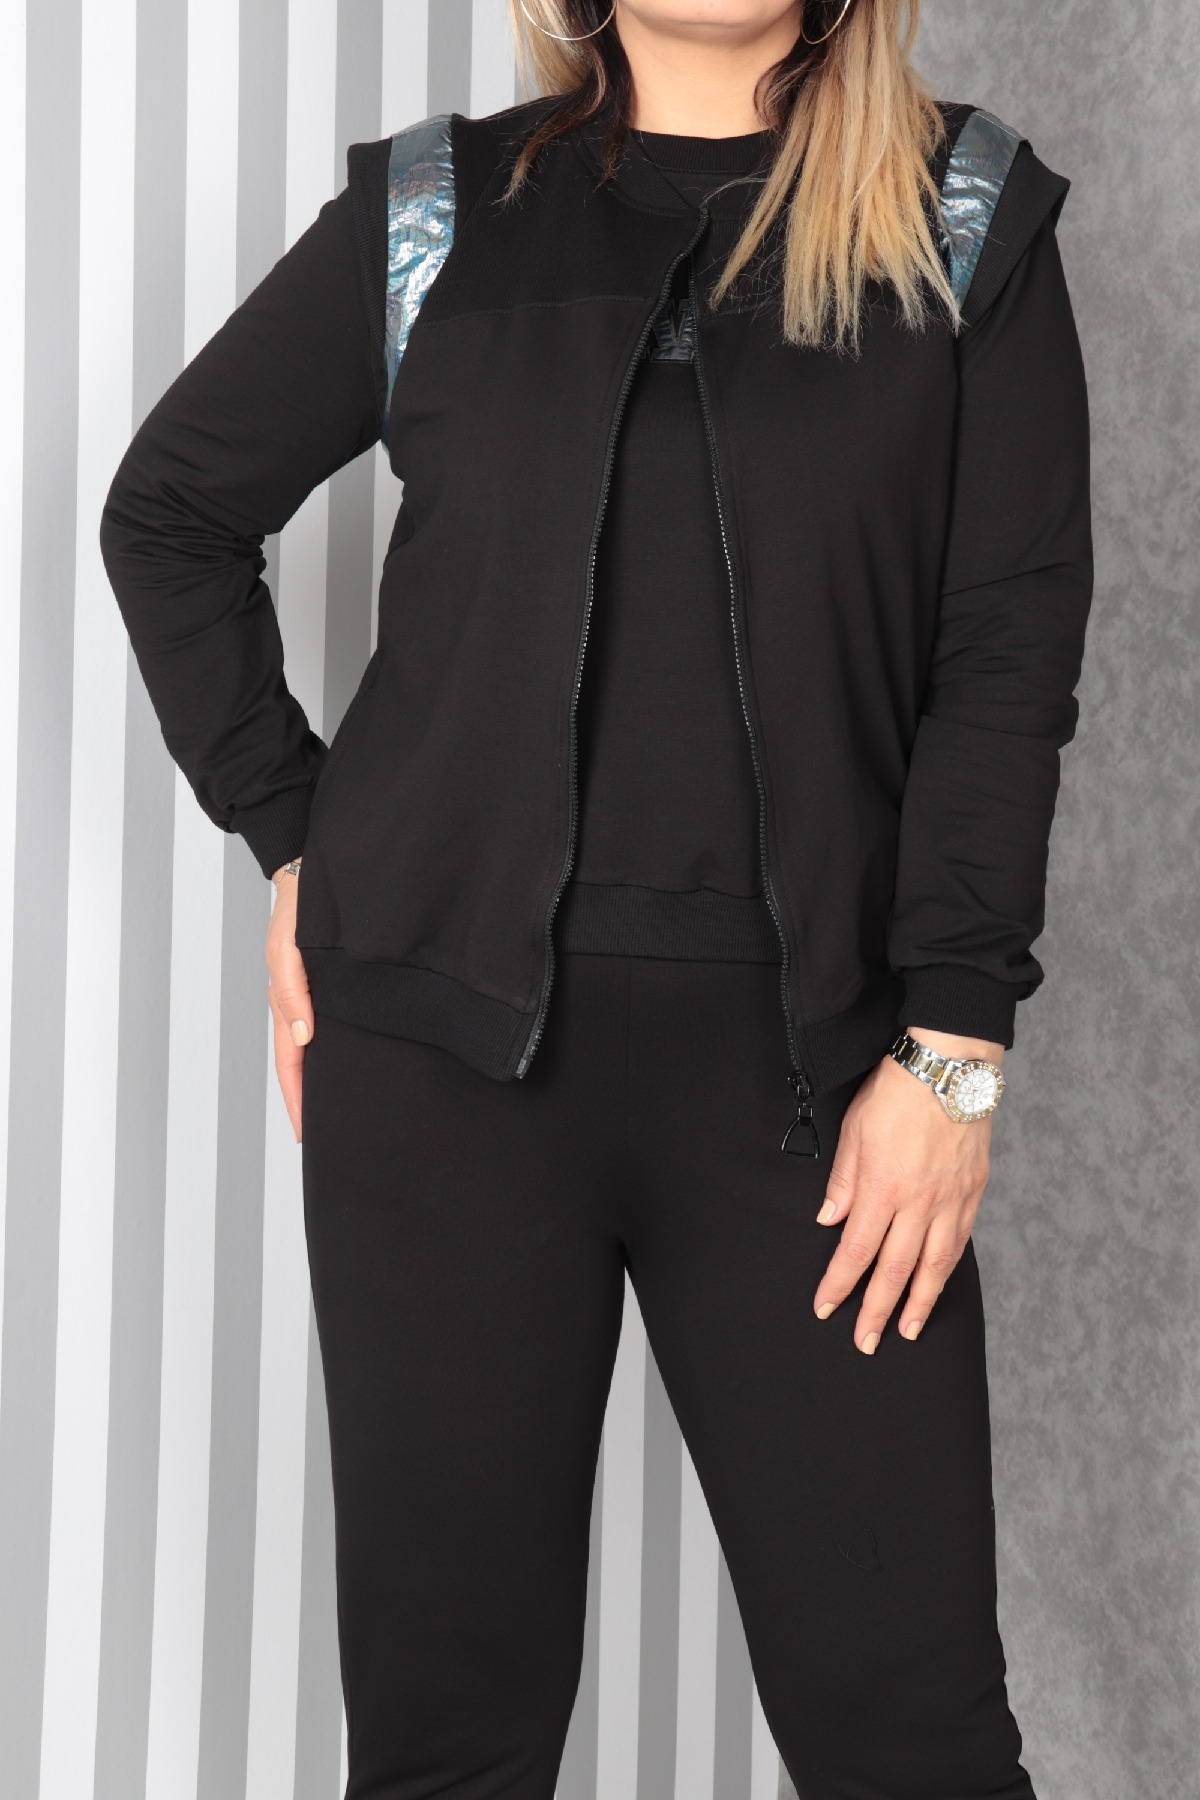 Women's 3 Piece Suits-Black